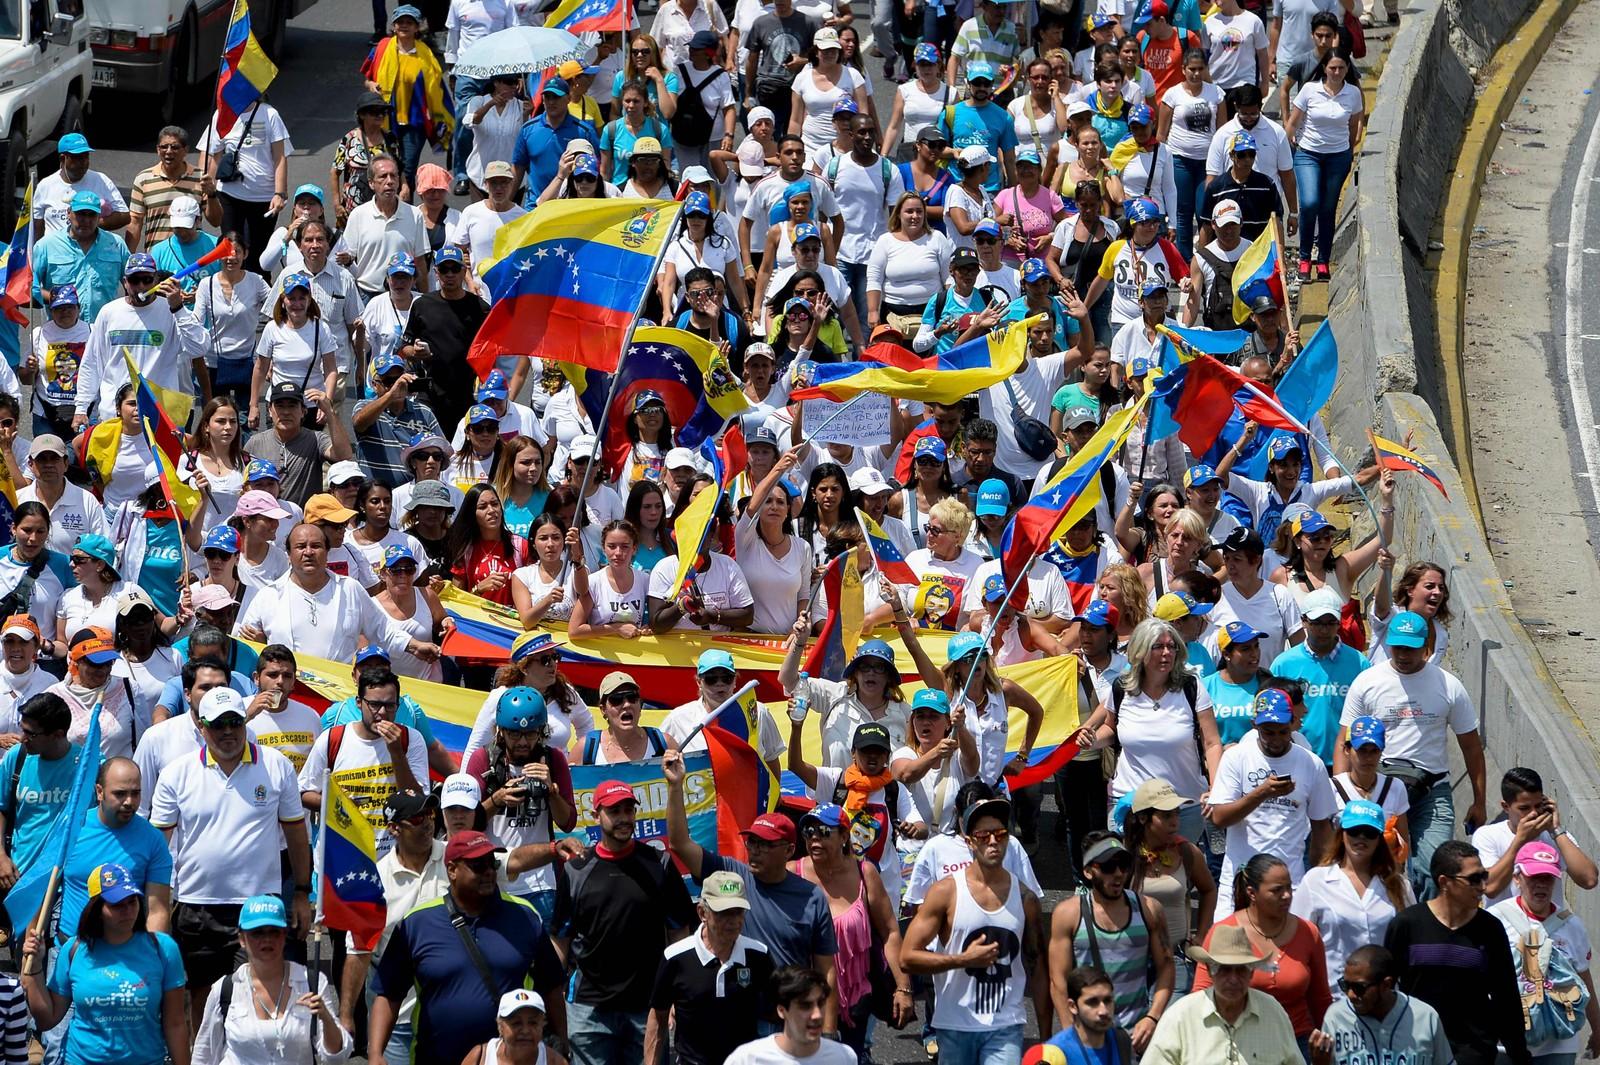 Flere tusen demonstrerte mot at presidenten stanset forsøket på å få til en folkeavstemming for å fjerne ham fra makta.